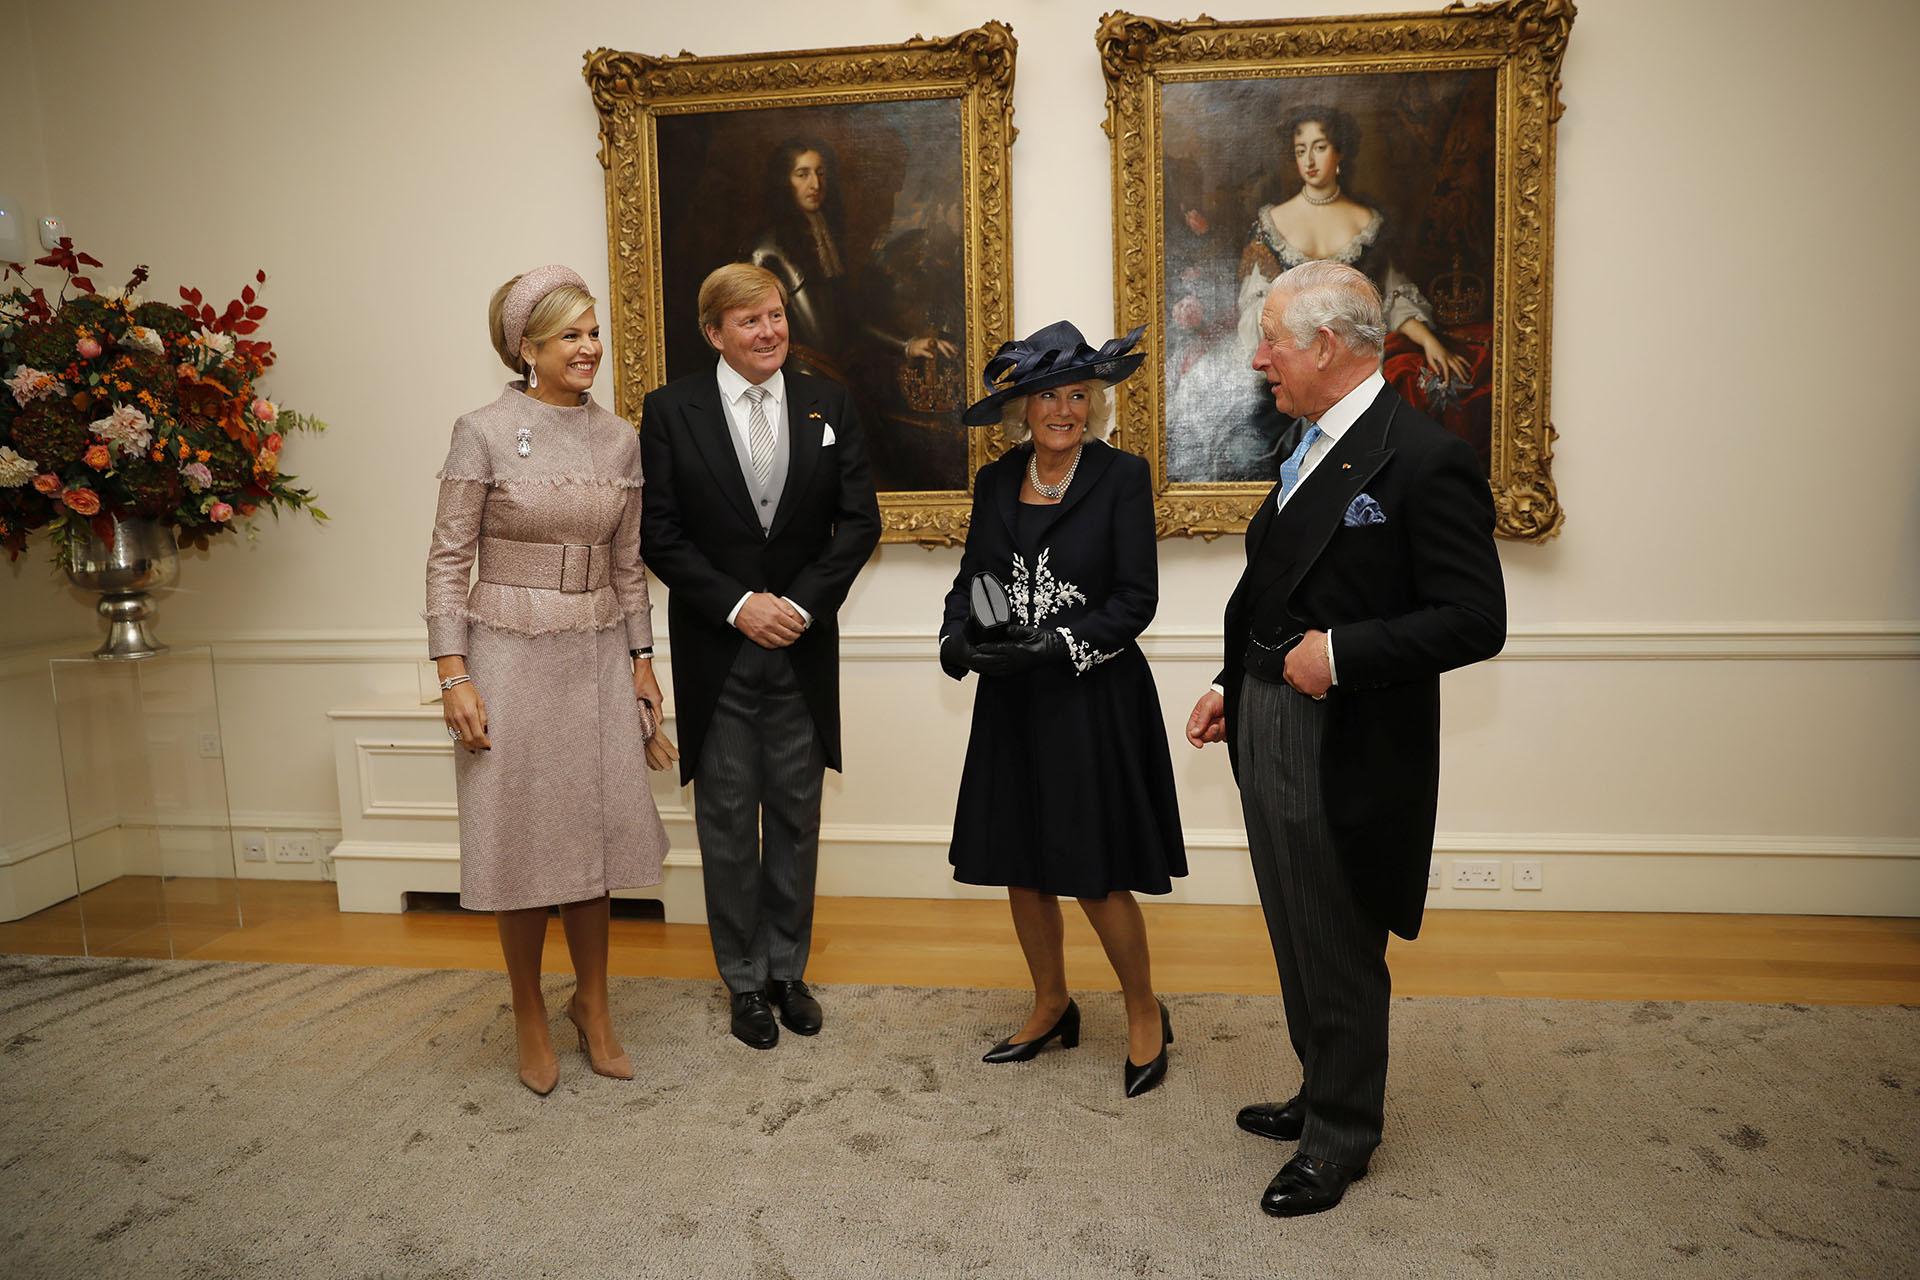 Los reyes de Holanda posaron con el príncipe Carlos y la duquesa deCornwall en la residencia de Holanda en Londres